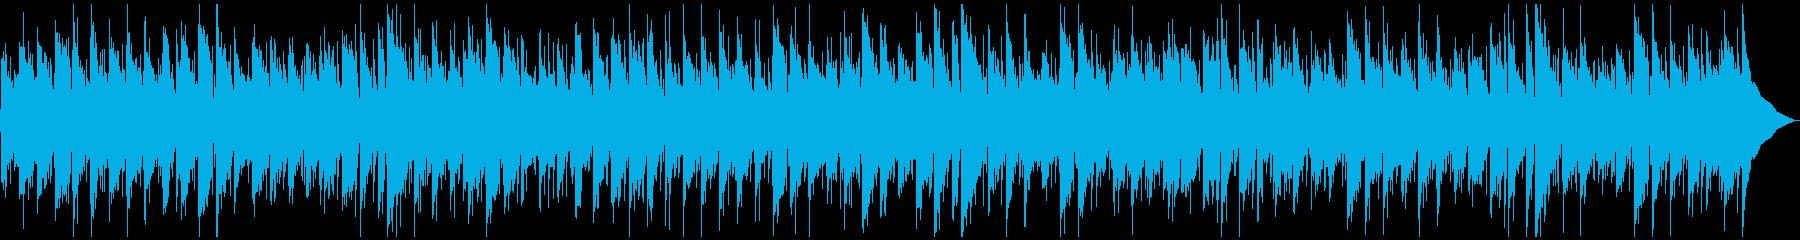 シンプルなインディポップの再生済みの波形